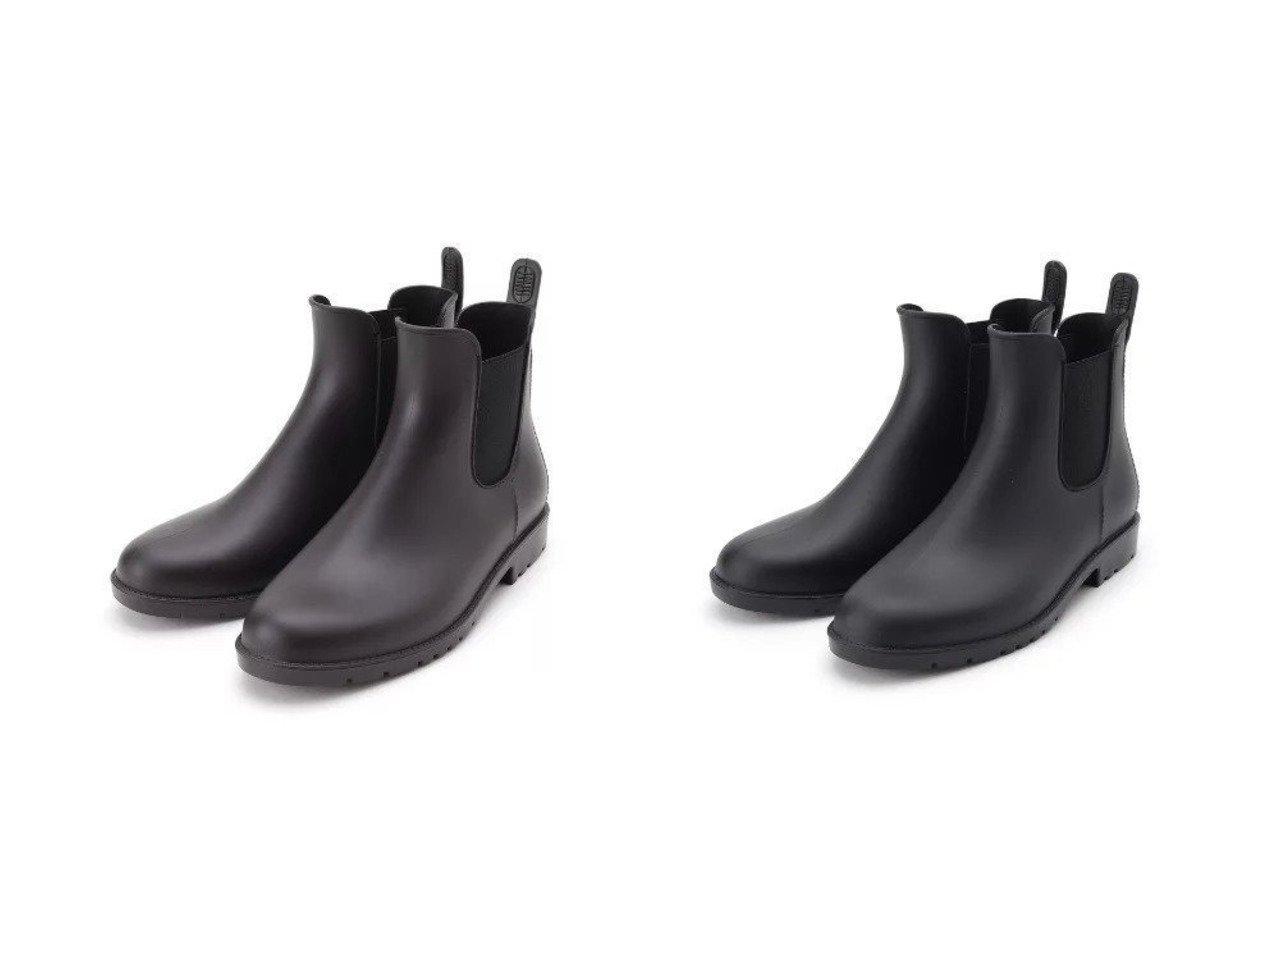 【Dessin/デッサン】のWpc. サイドゴアレインブーツ 【シューズ・靴】おすすめ!人気、トレンド・レディースファッションの通販 おすすめで人気の流行・トレンド、ファッションの通販商品 インテリア・家具・メンズファッション・キッズファッション・レディースファッション・服の通販 founy(ファニー) https://founy.com/ ファッション Fashion レディースファッション WOMEN インソール シューズ シンプル ループ |ID:crp329100000049726